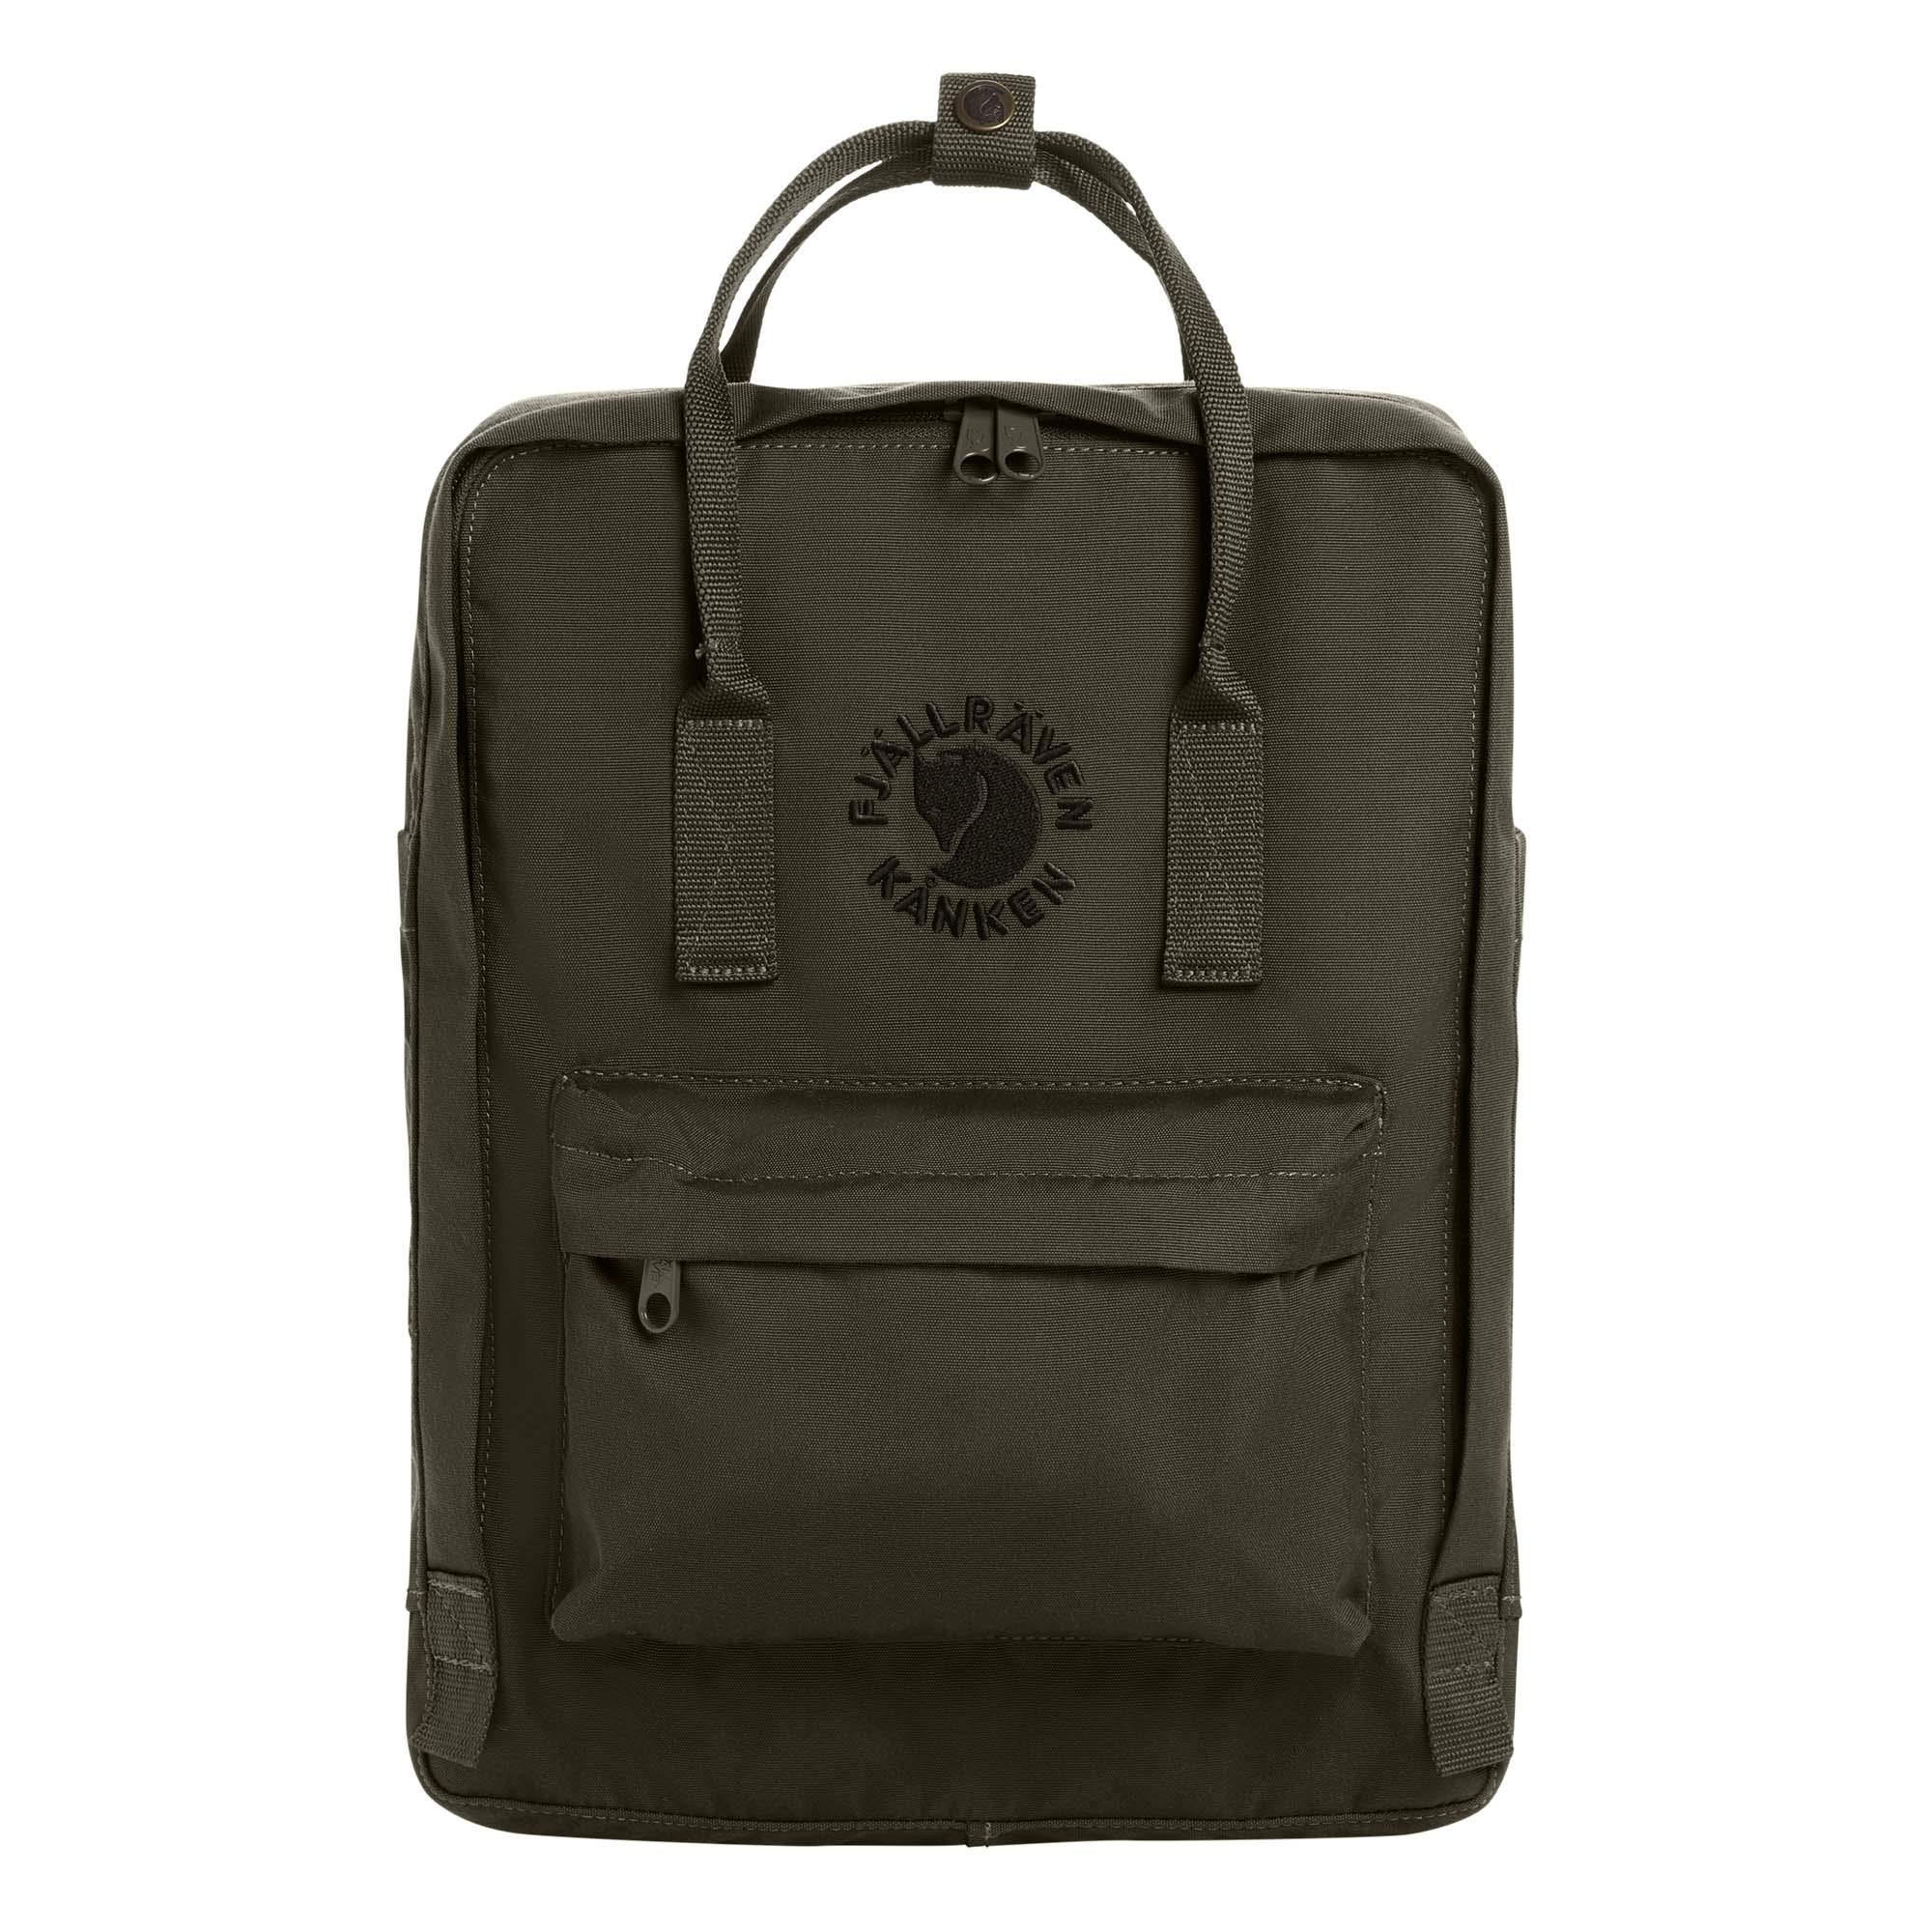 1d961e9a1c Fjallraven Re-Kanken Backpack (Dark Olive) - 23548-633 < Casual ...